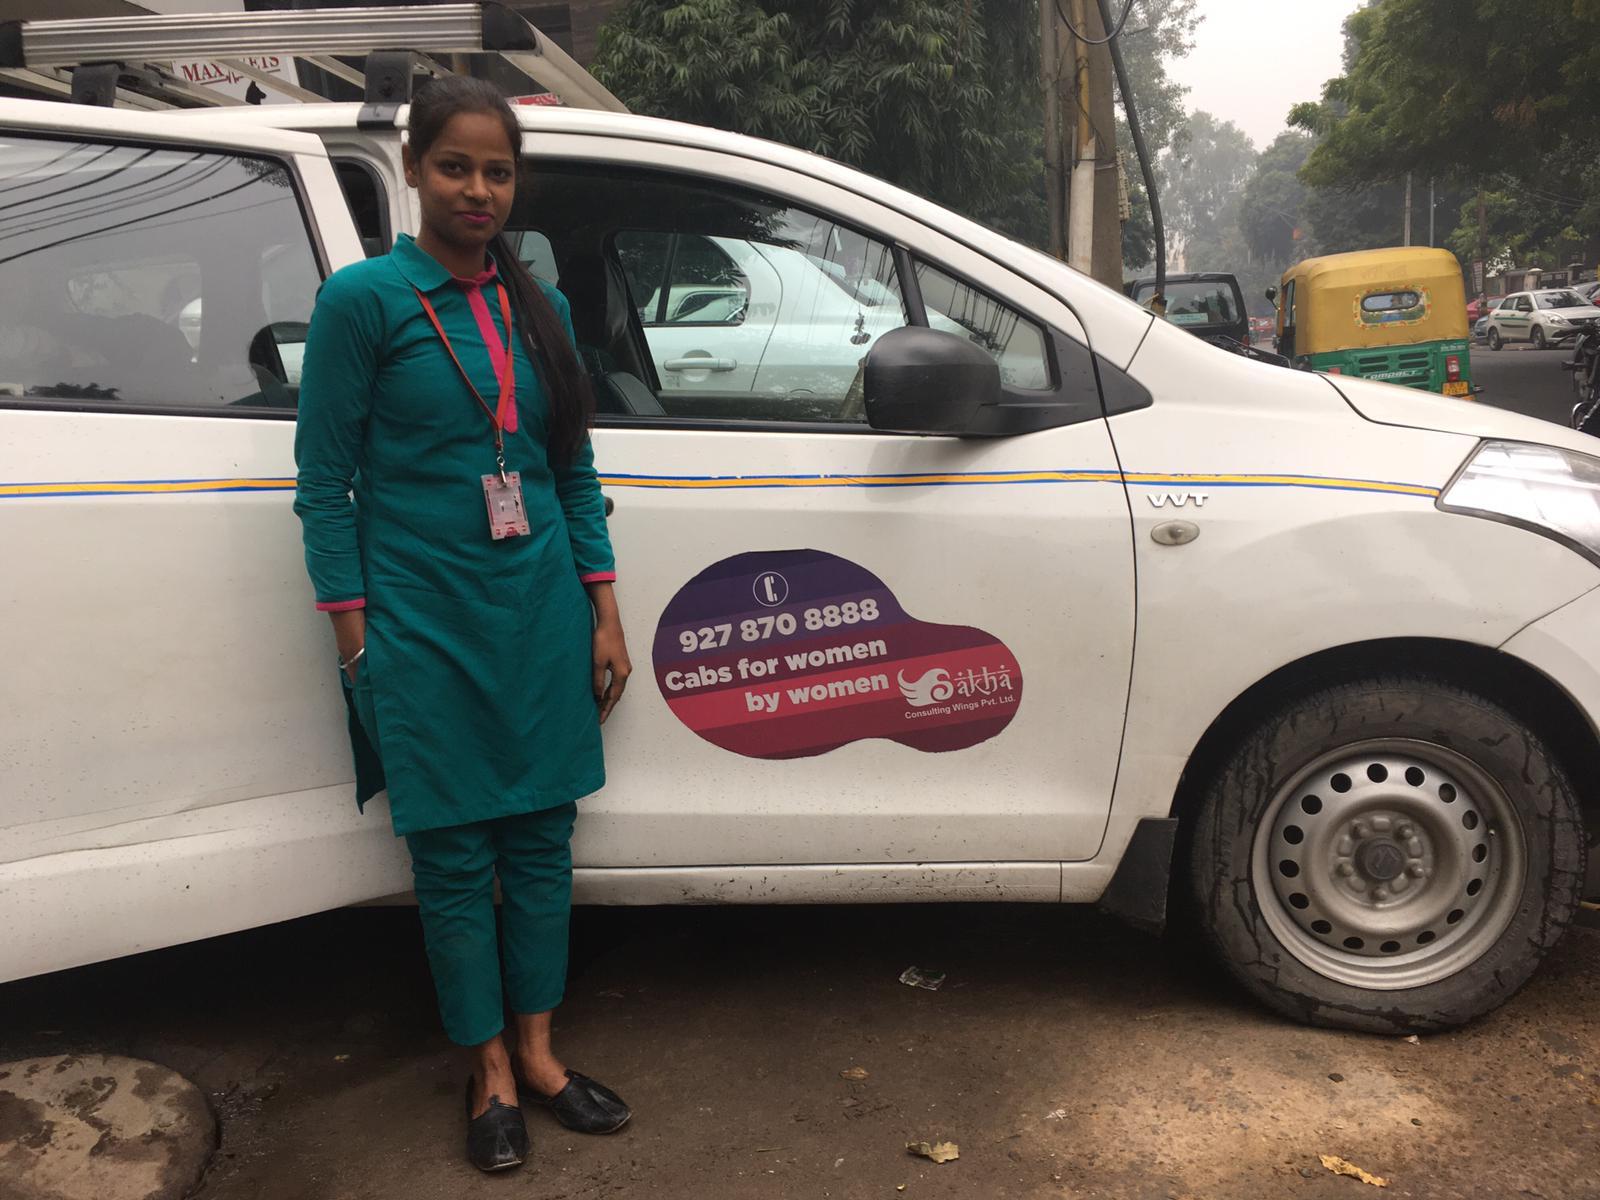 Guía de Mónica en Delhi, India